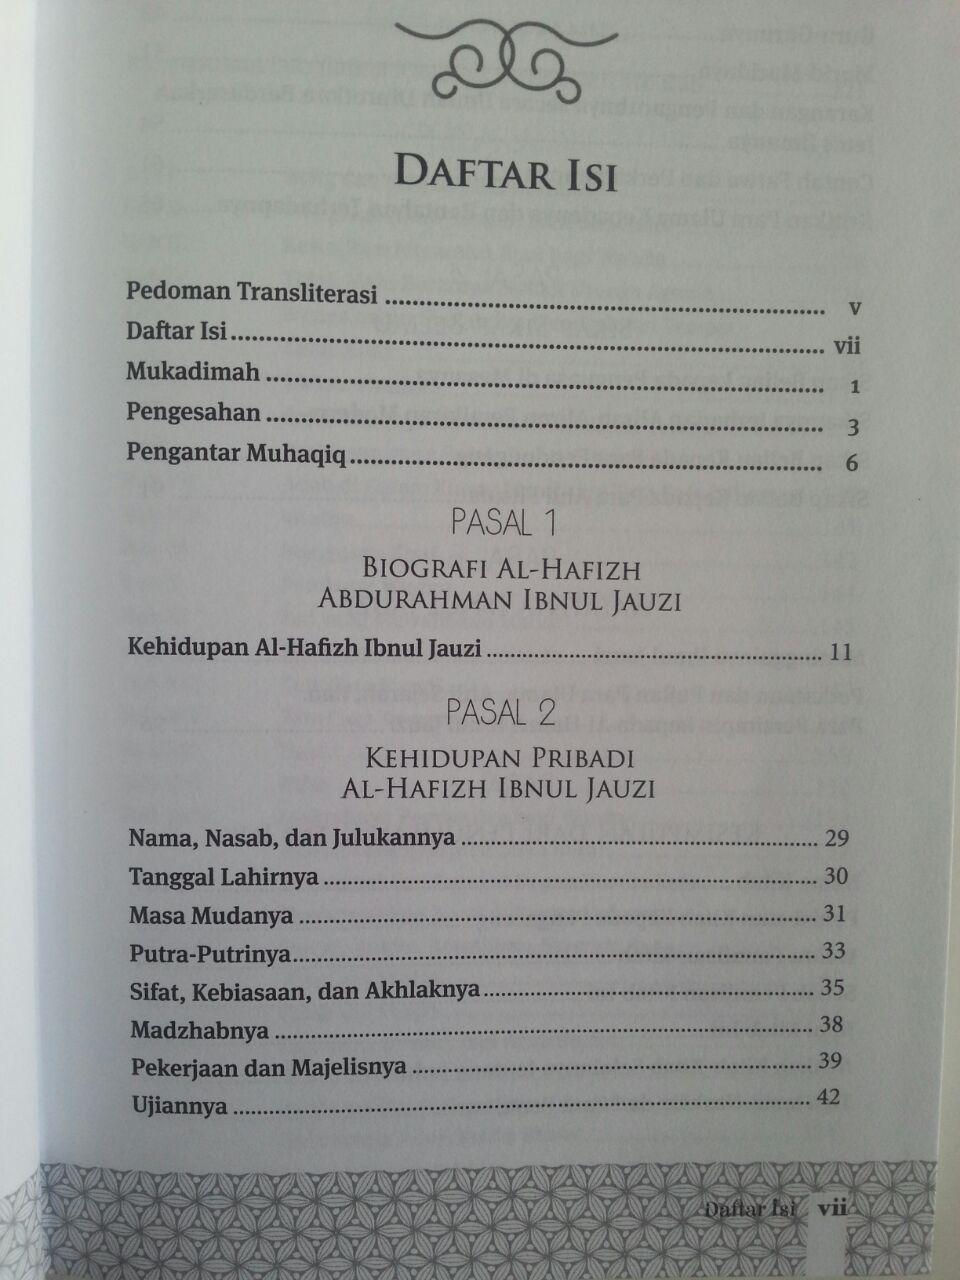 Buku Ahkamun Nisa Kajian Fikih Klasik Berbagai Masalah Kaum Wanita isi 2